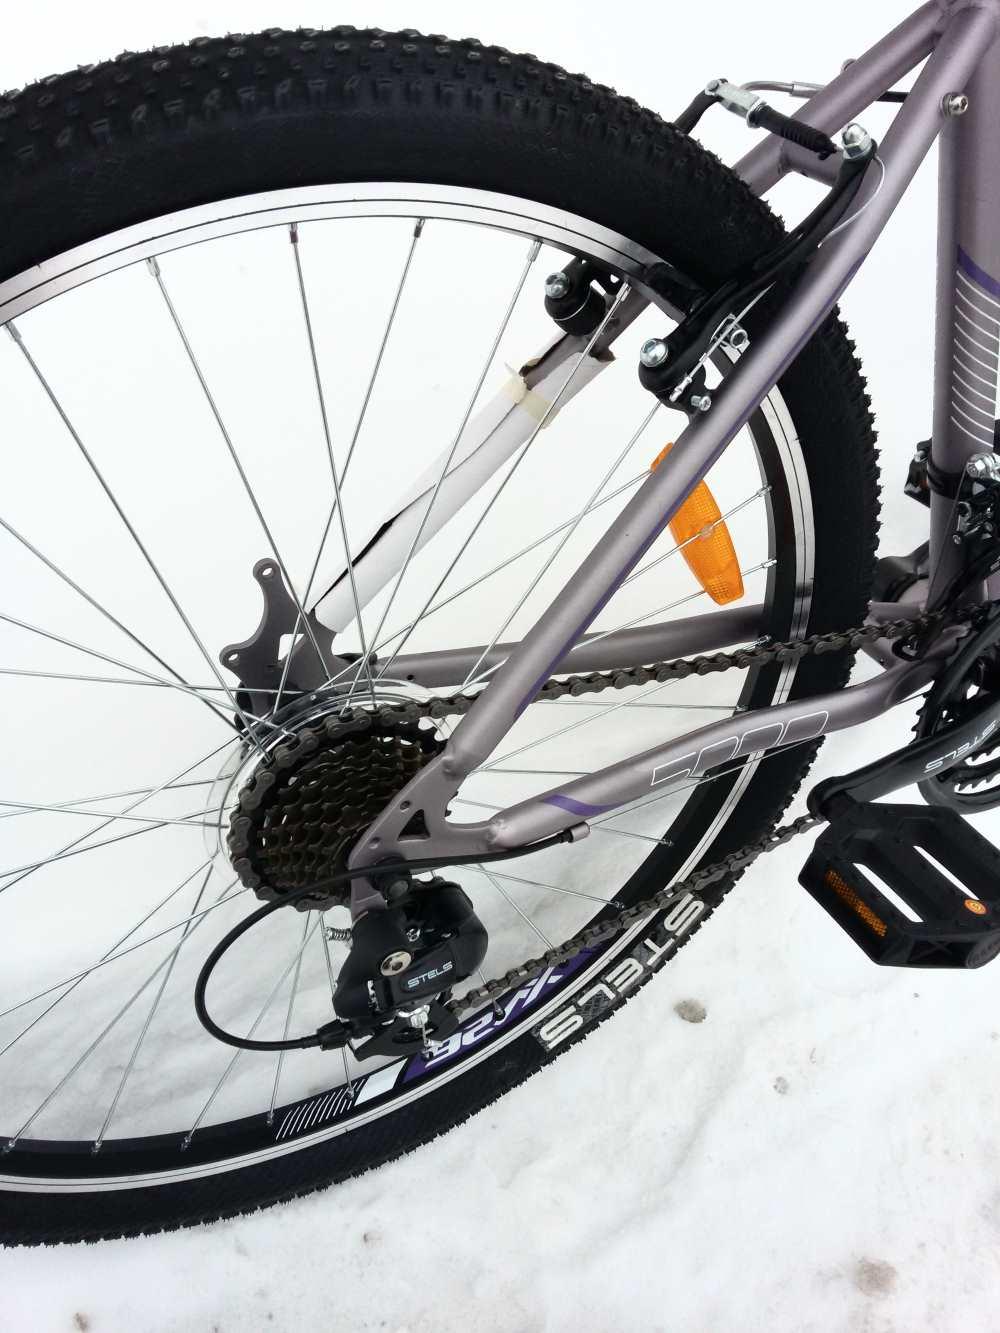 стелс сборка мисс 5000 велосипеда